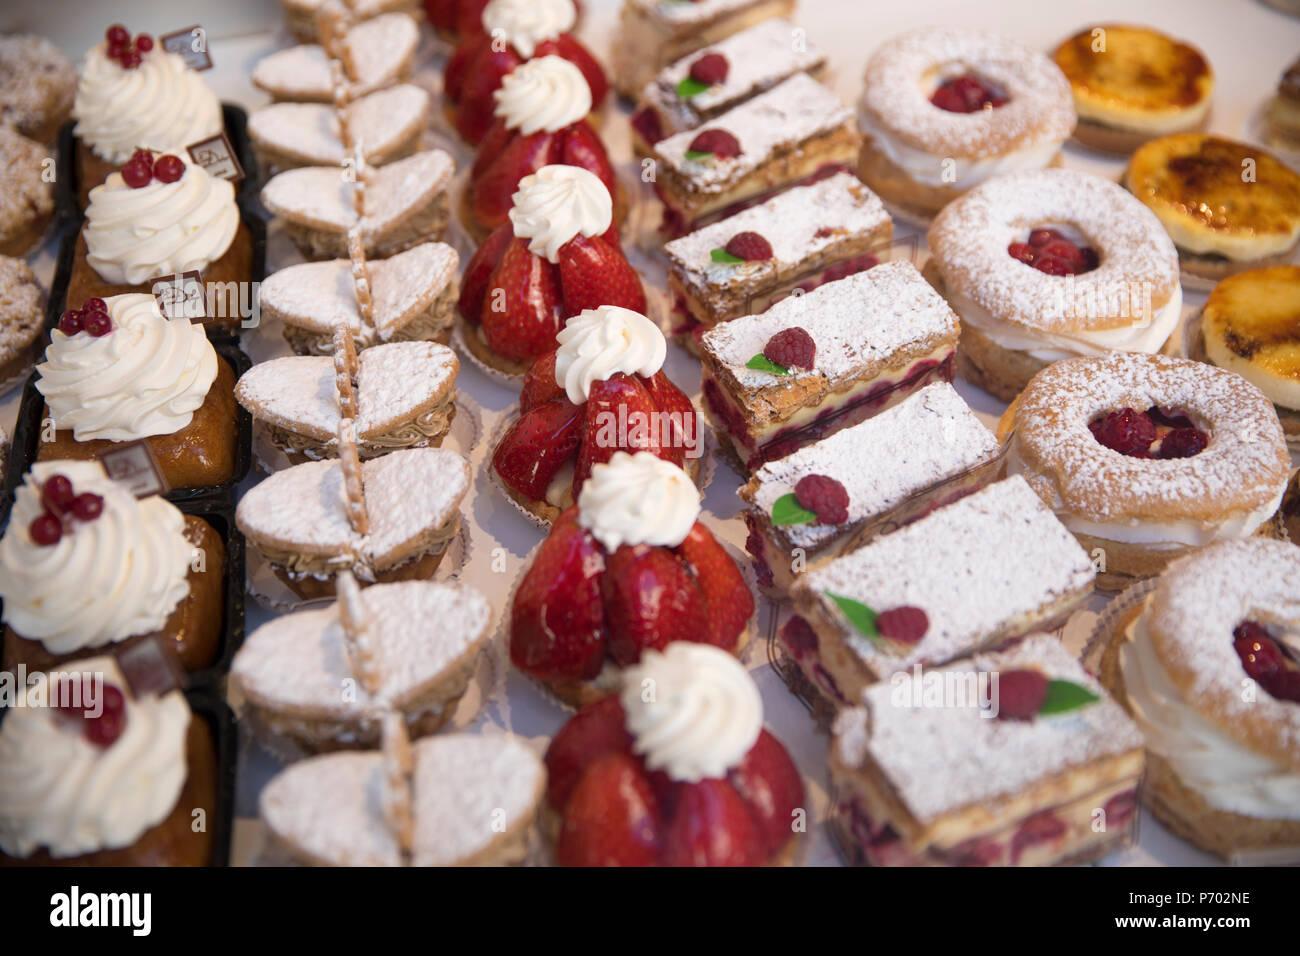 Des pâtisseries savoureuses dans la fenêtre de l'atelier pâtisserie française, Arras, Pas-de-Calais, Hauts-de-France, France, Europe Banque D'Images